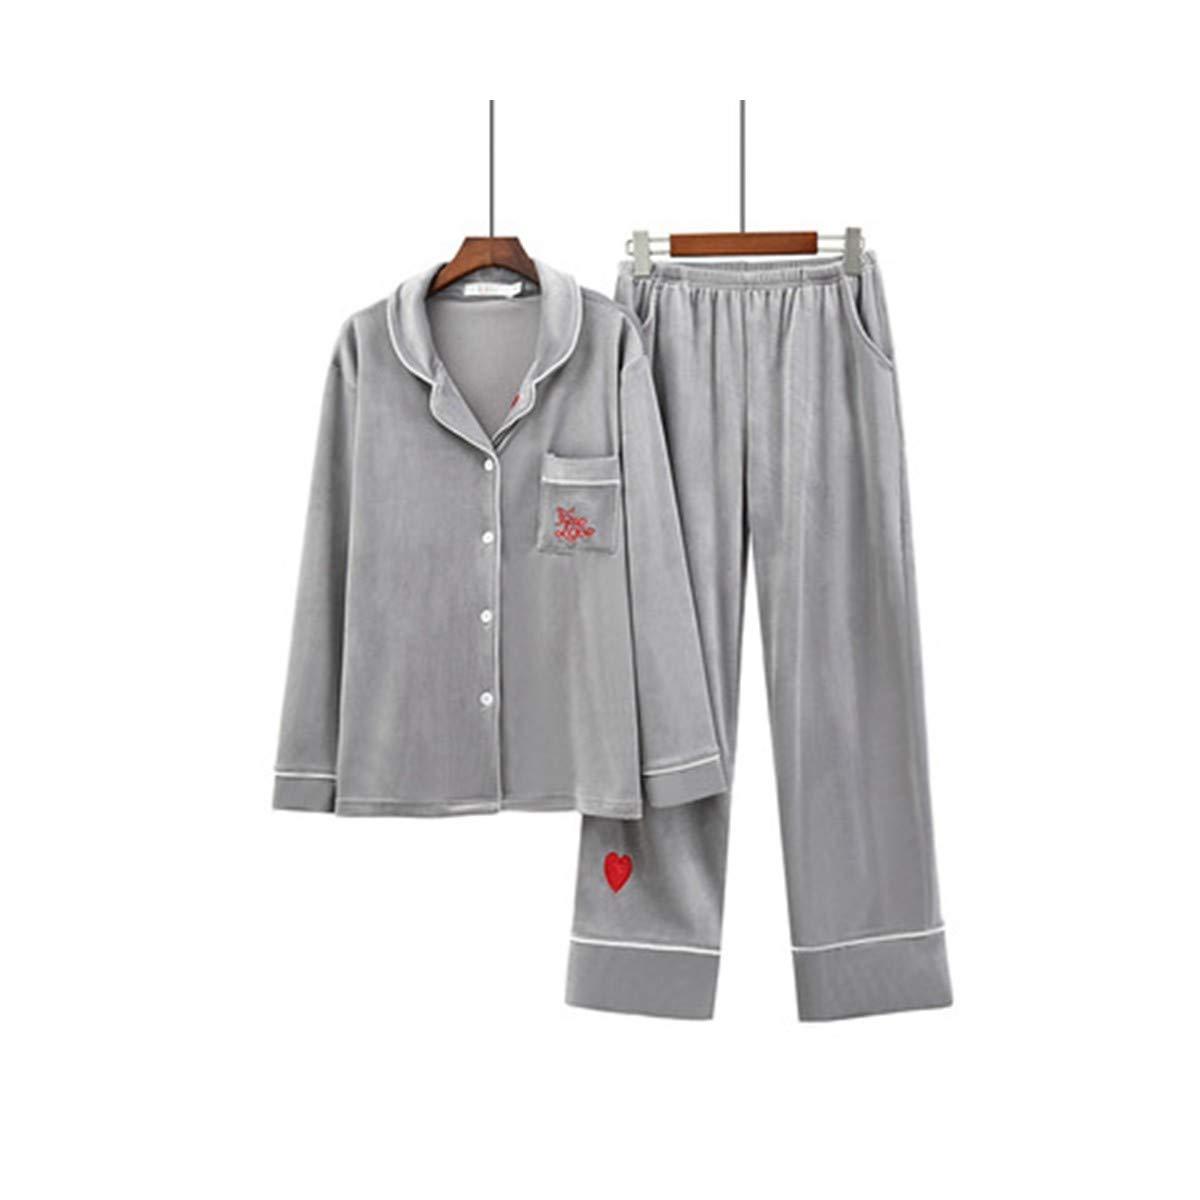 TENGTENGCAI Super-Costumes Pyjama Pantalon Souple Col Roulé À Manches Longues Cardigan Gris Vêtements Vêtements Chauds M